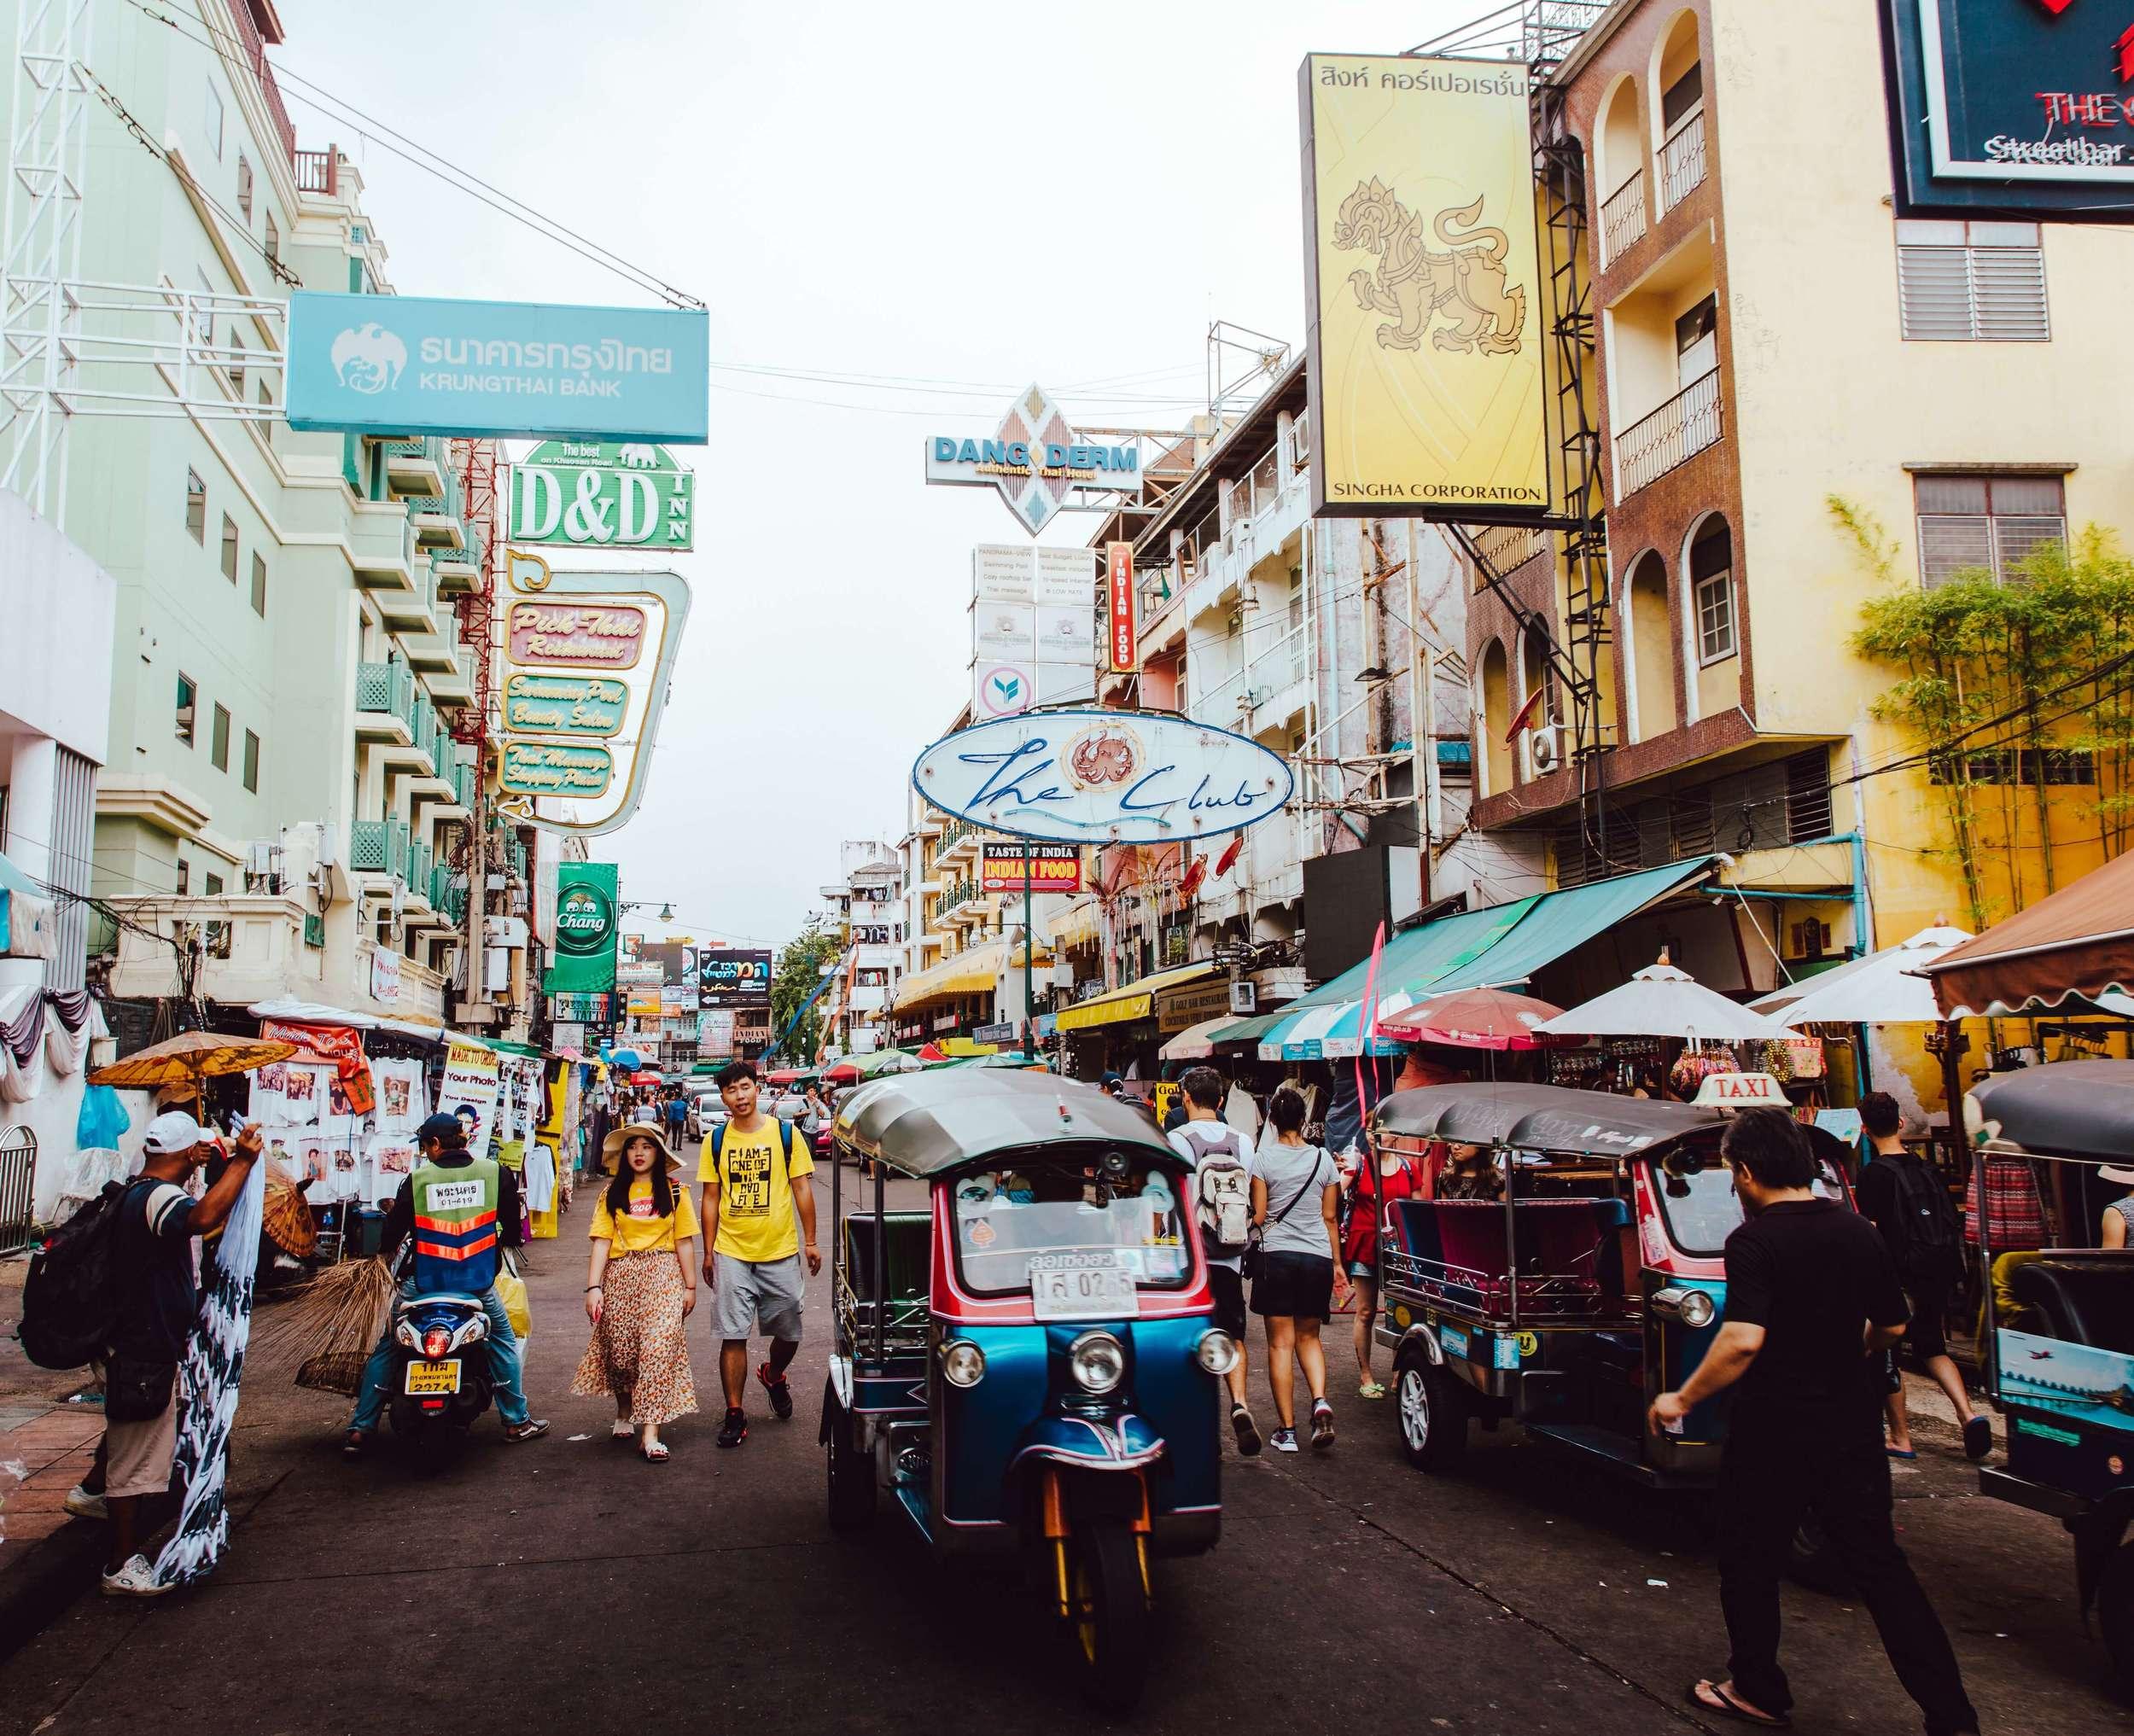 Busy Khaosan Road in Bangkok